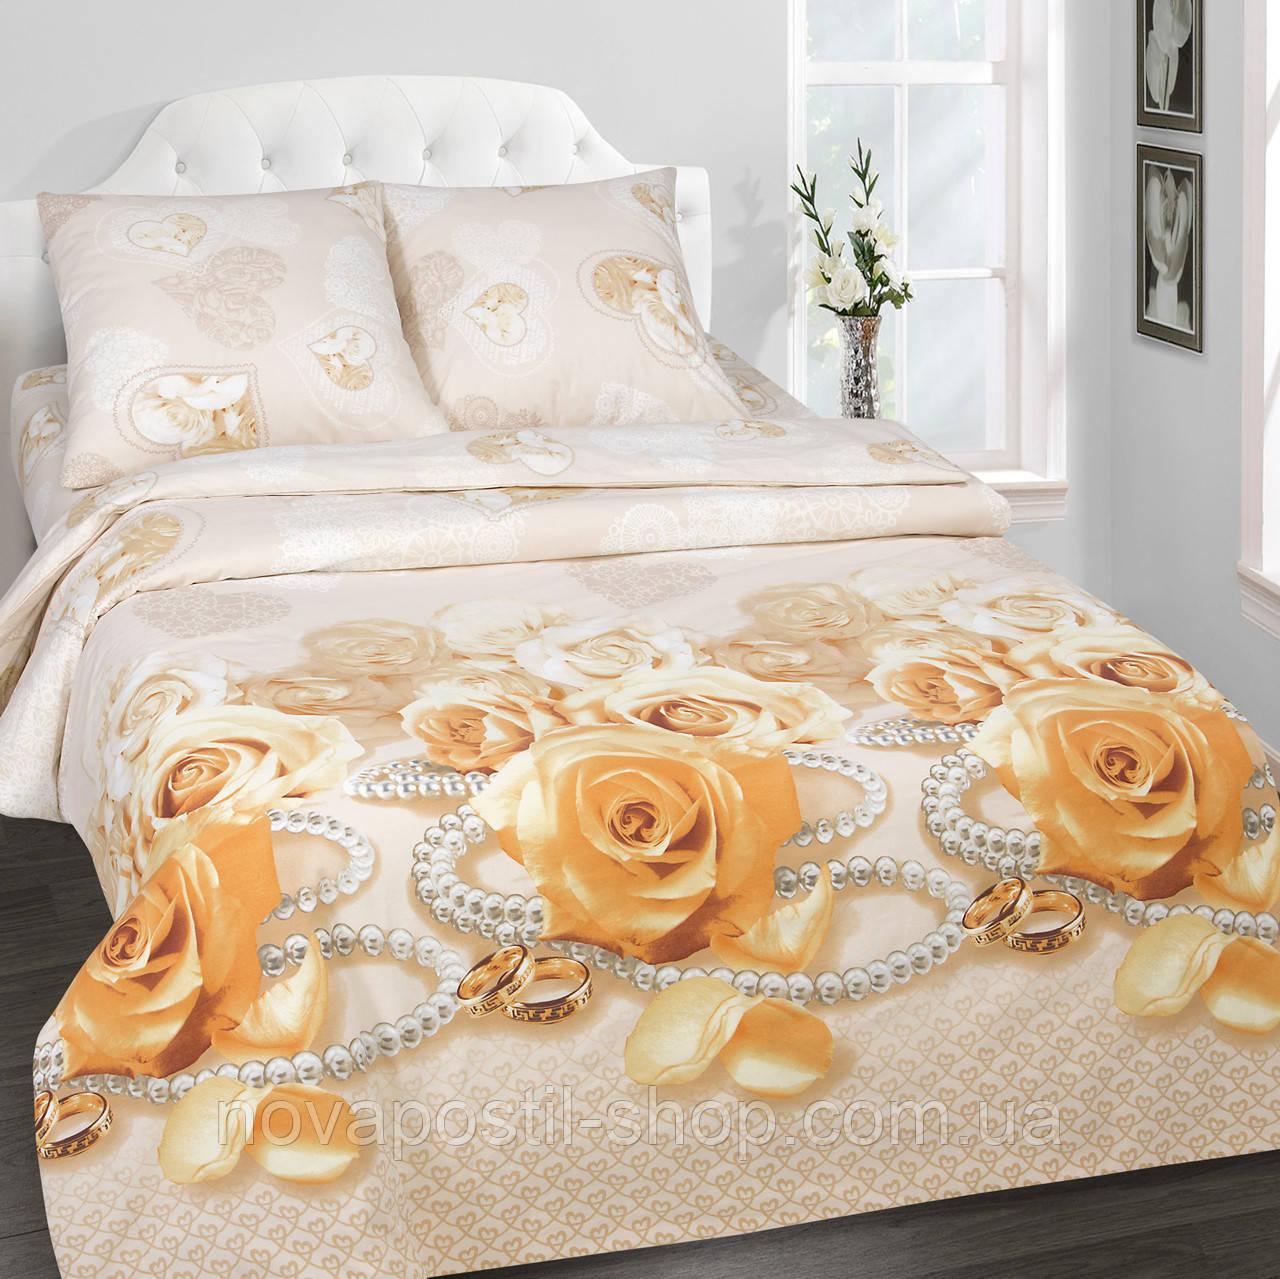 Постельное белье поплин, Комплект Идиллия (с розами и жемчугом)